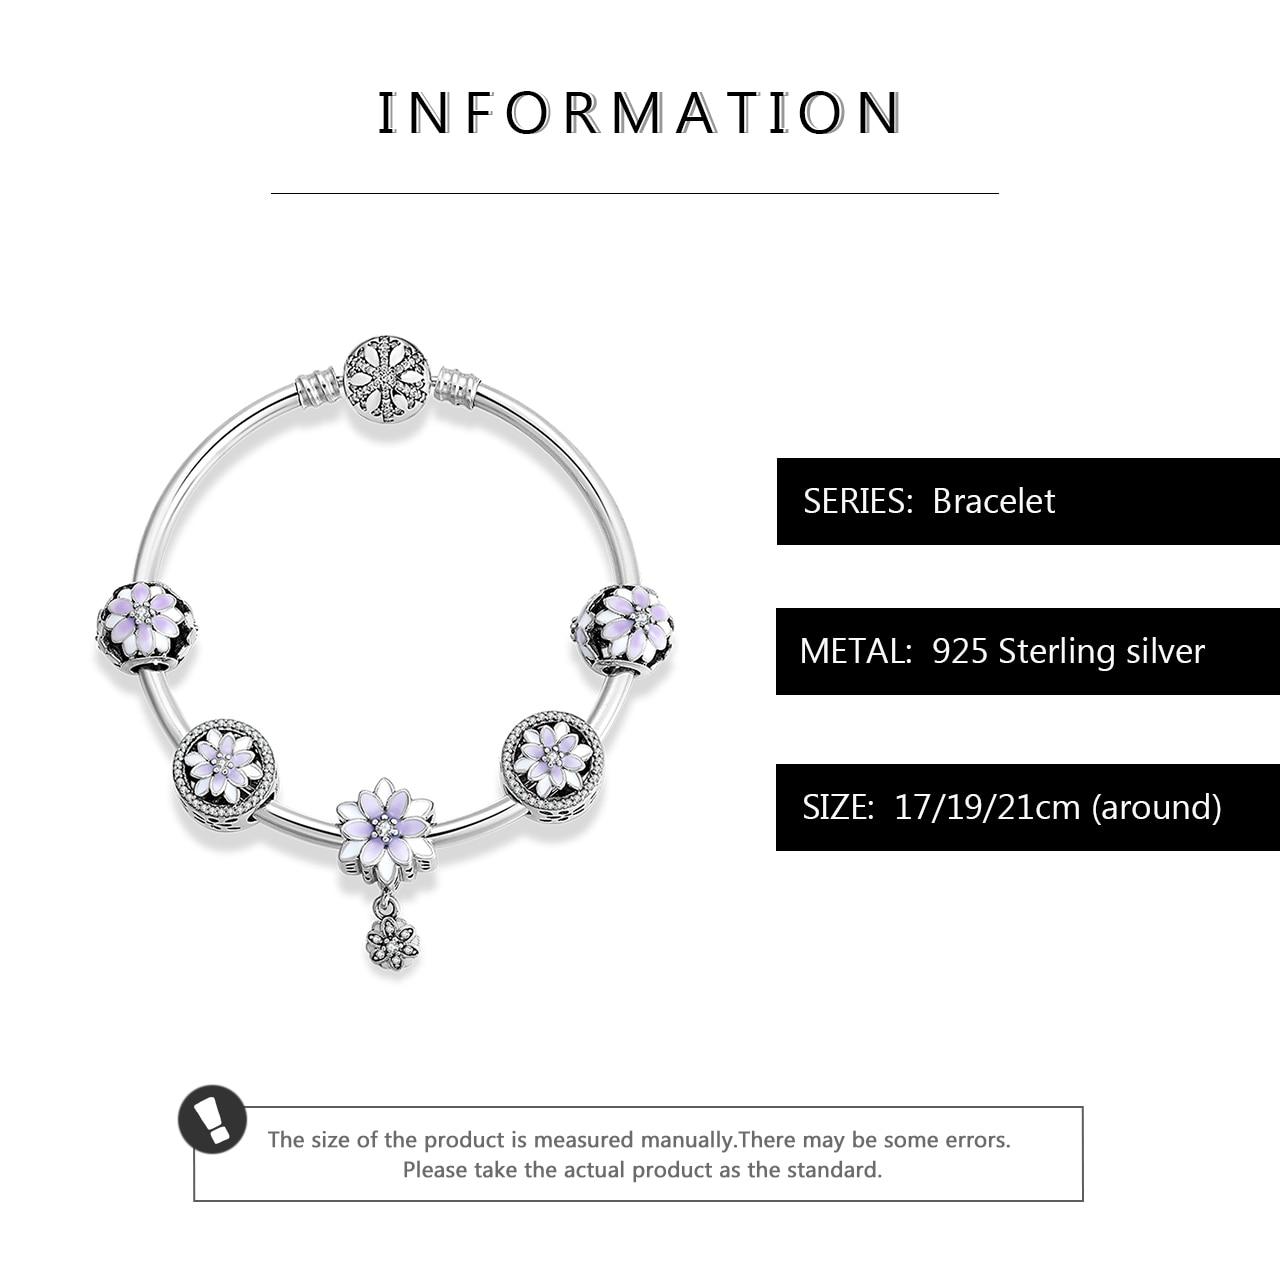 925 argent Sterling glamour fleurs pendentifs Bracelets avec perles en émail violet breloques mode femme Bracelet bijoux de luxe - 3